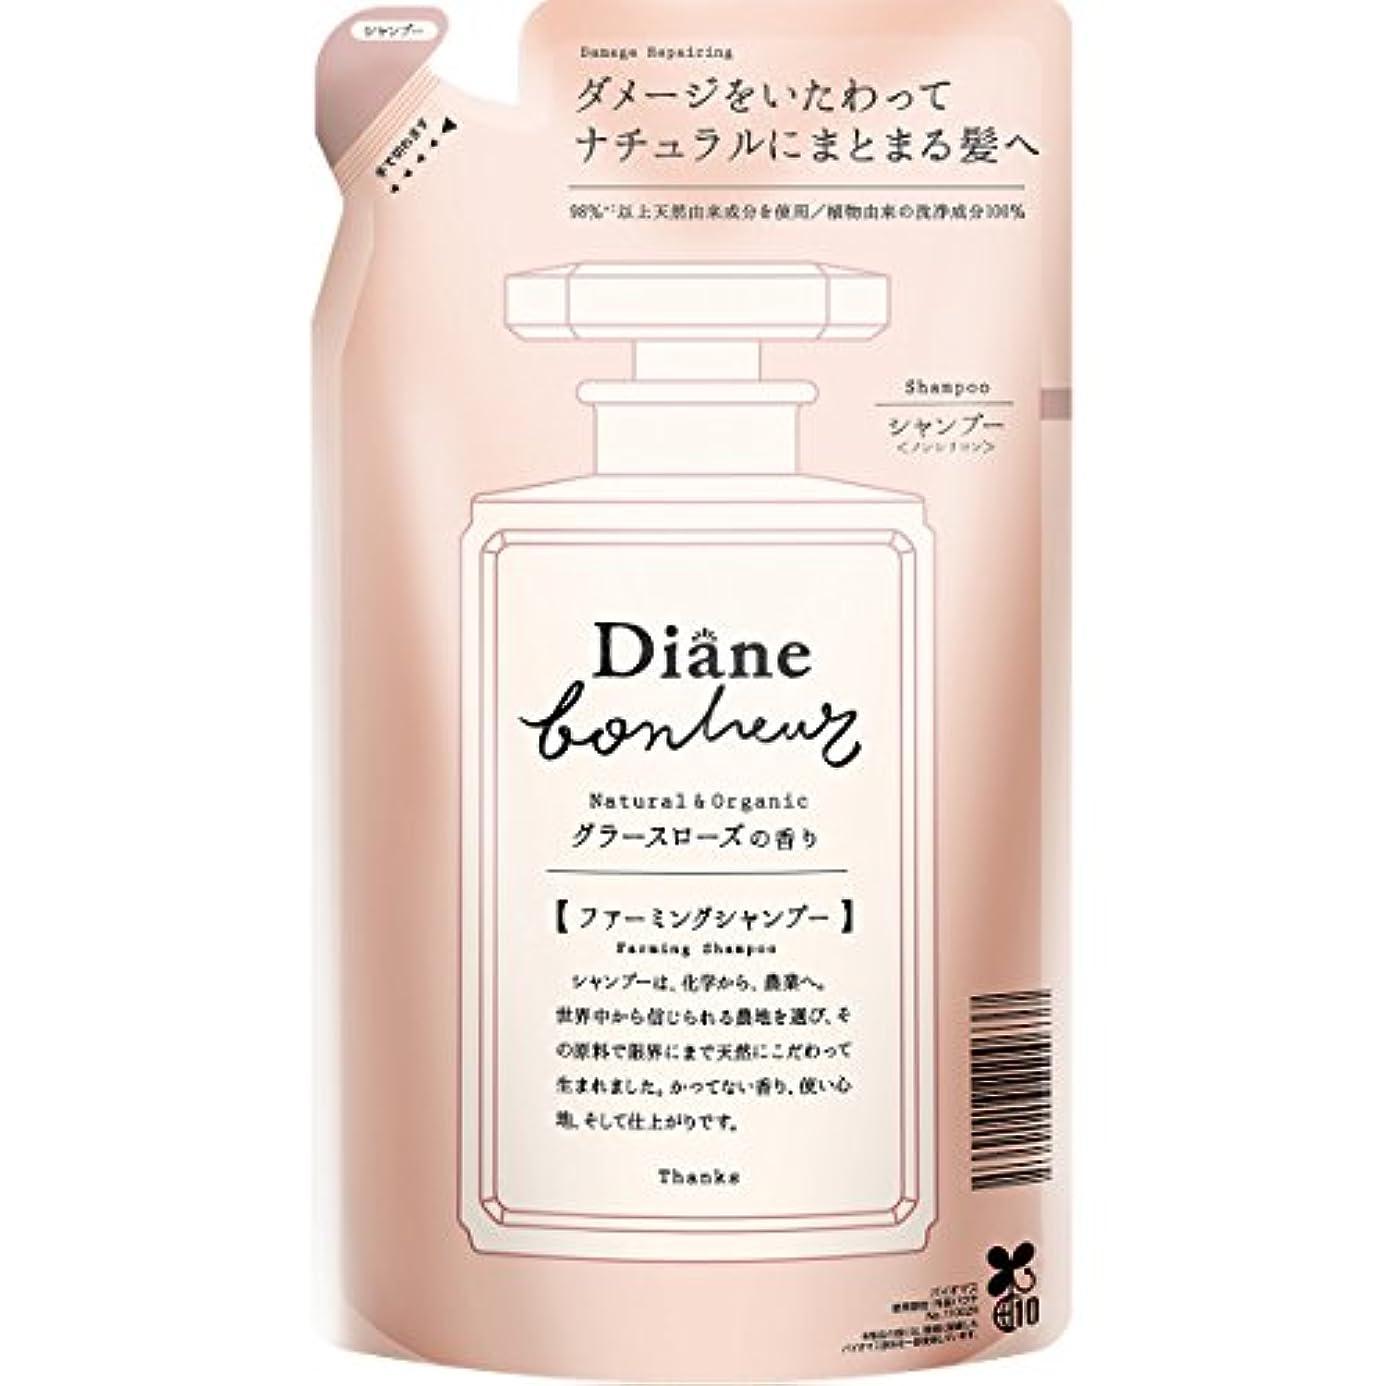 彼女は複雑な精通したダイアン ボヌール グラースローズの香り ダメージリペア シャンプー 詰め替え 400ml